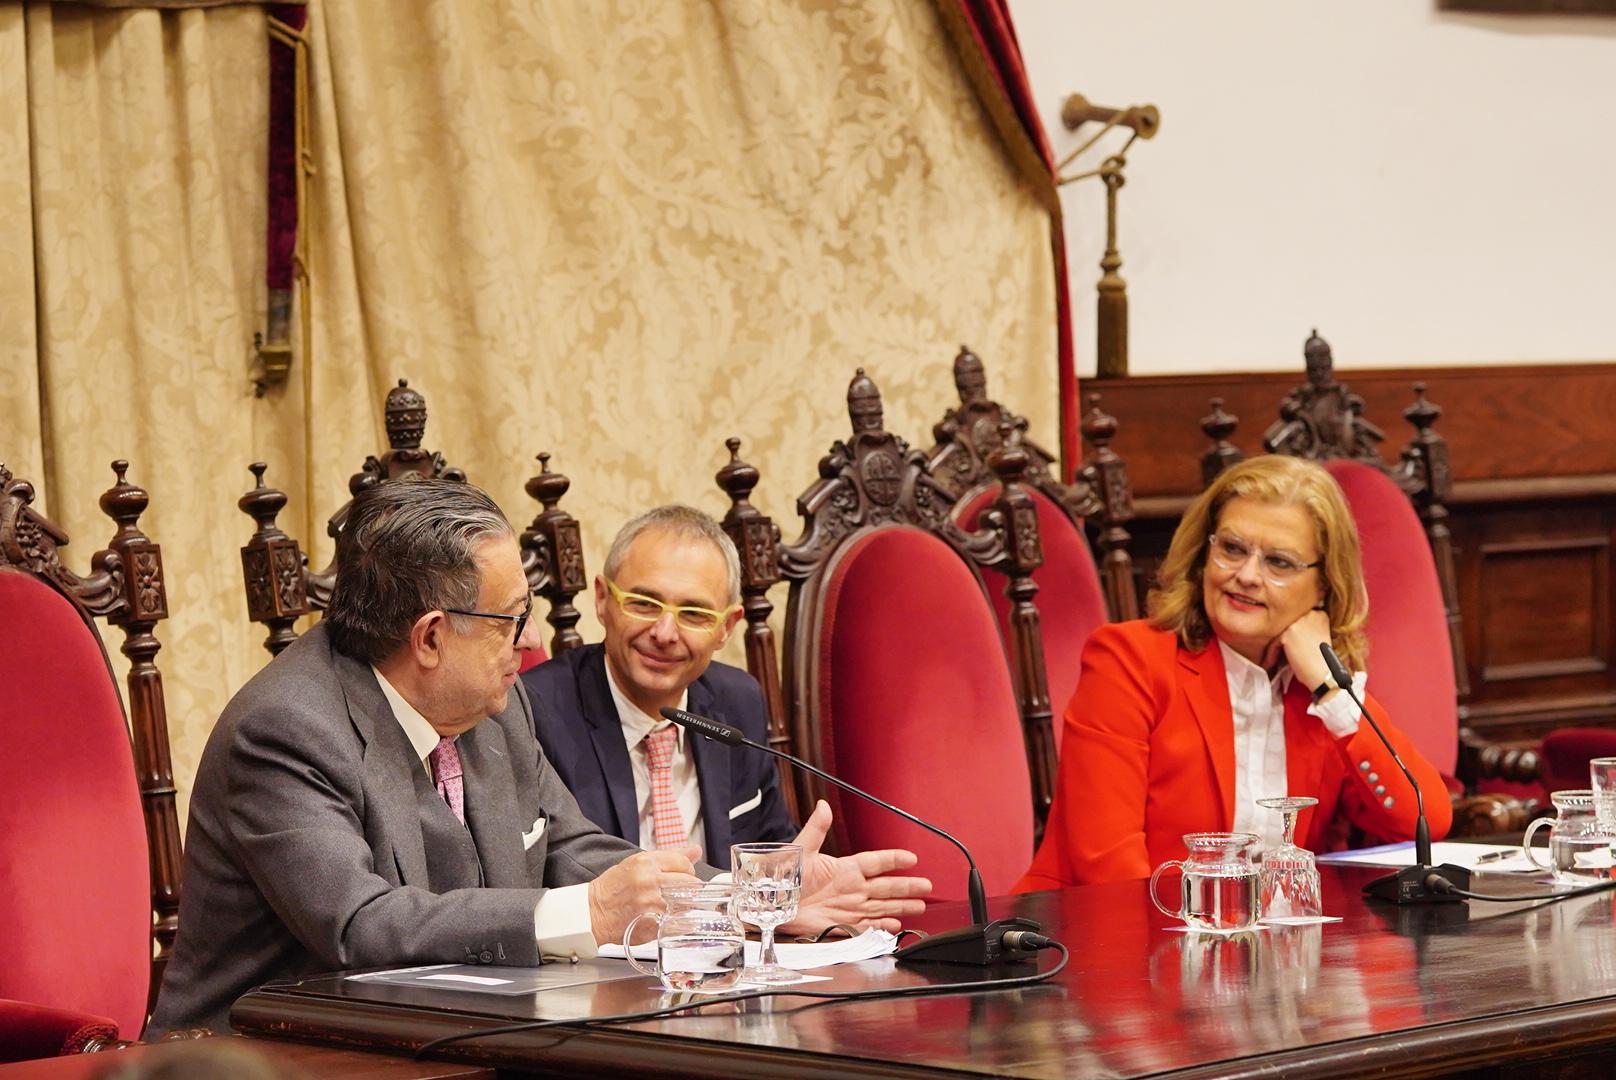 Los XLVI Cursos de Especialización en Derecho de la Universidad de Salamanca reciben a 300 alumnos latinoamericanos